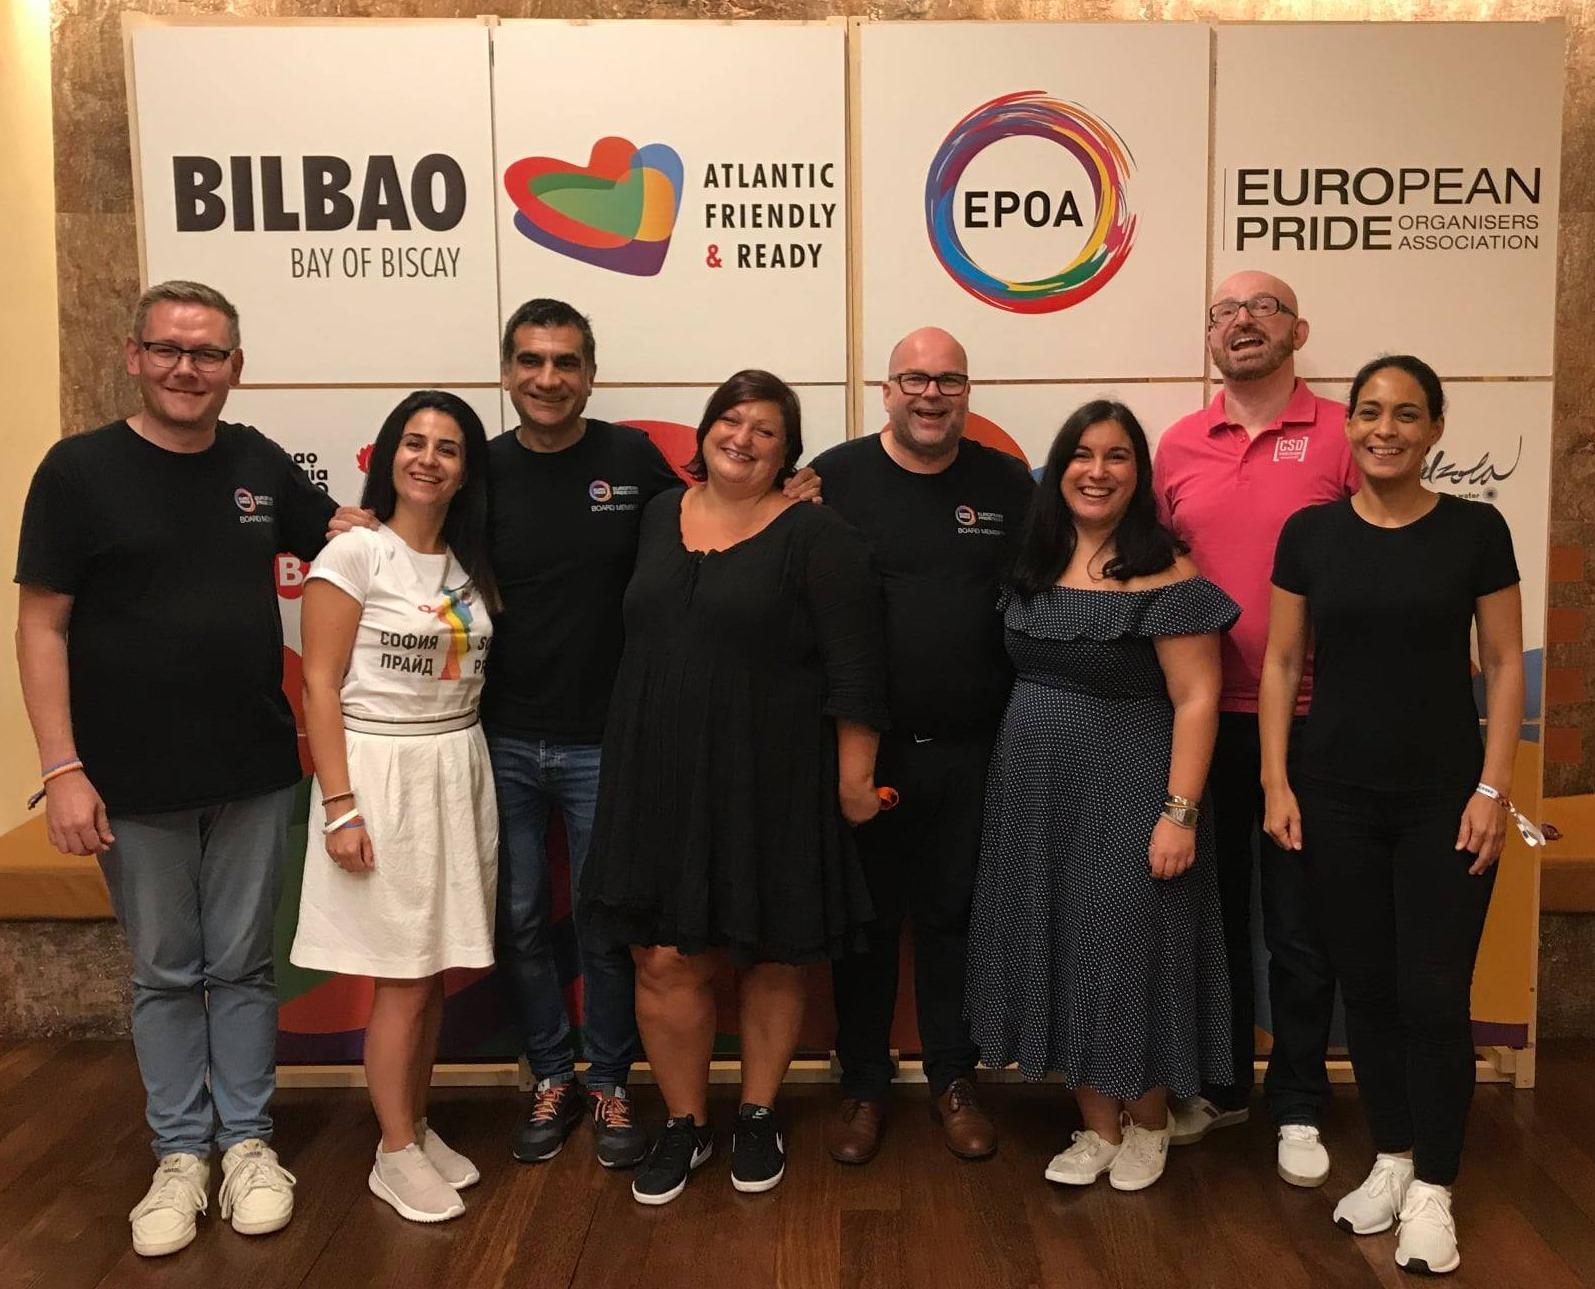 EPOA Vorstand 2019